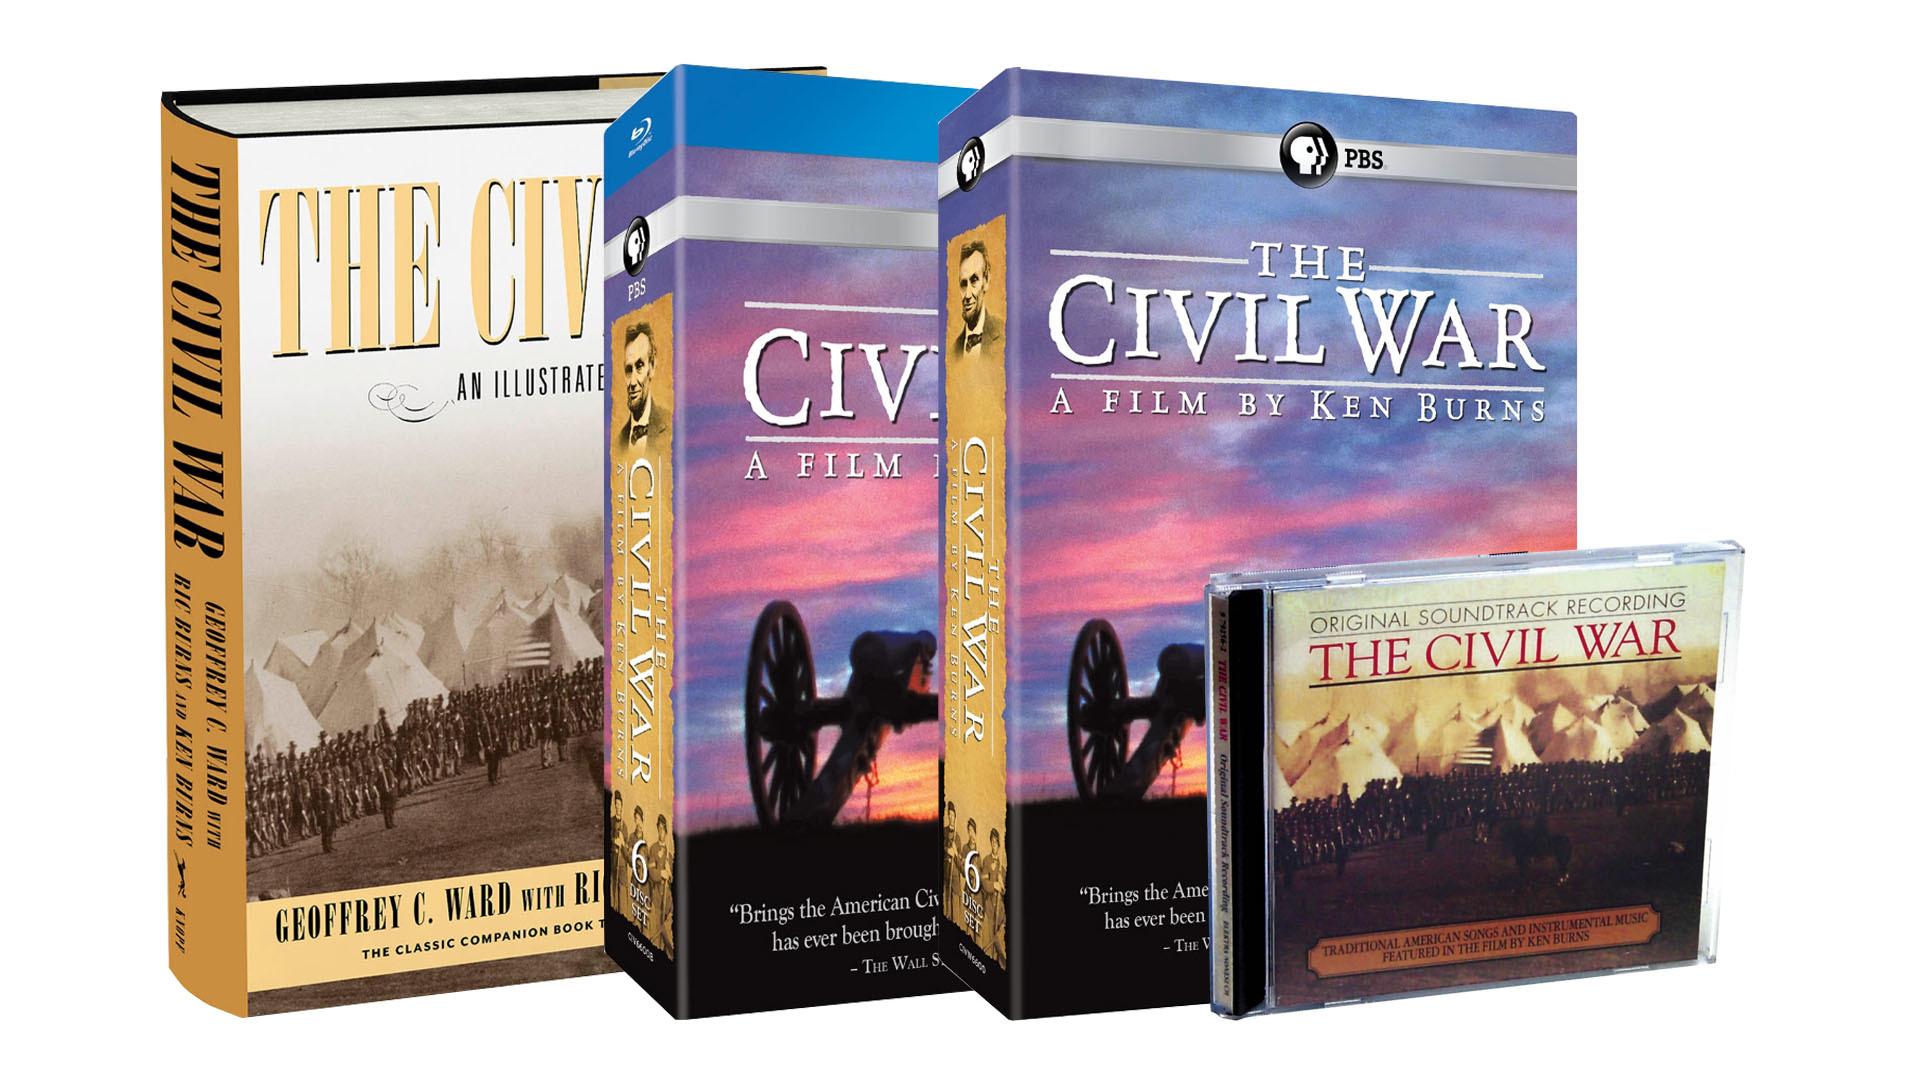 Civil War Shop Image